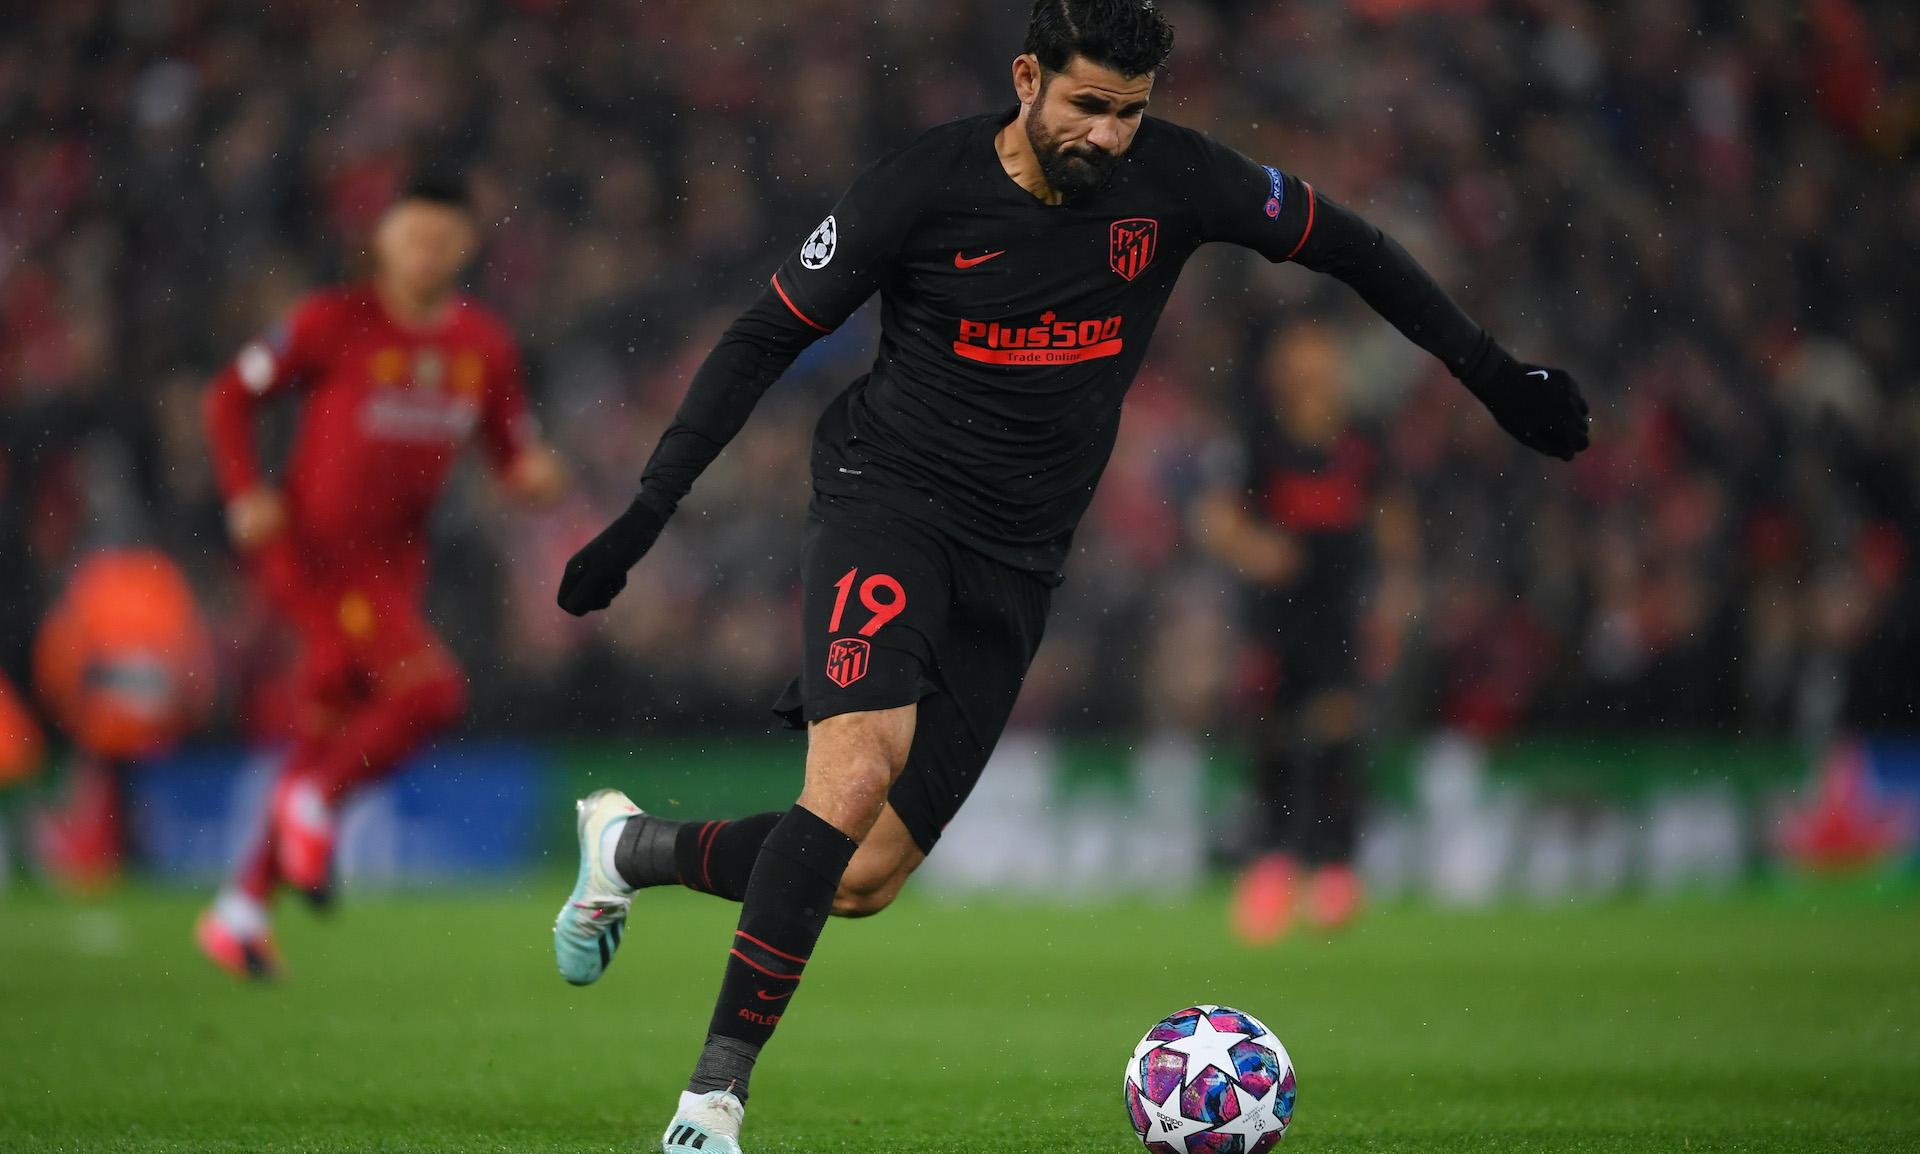 El factor Costa en el Atlético - Bóng Đá